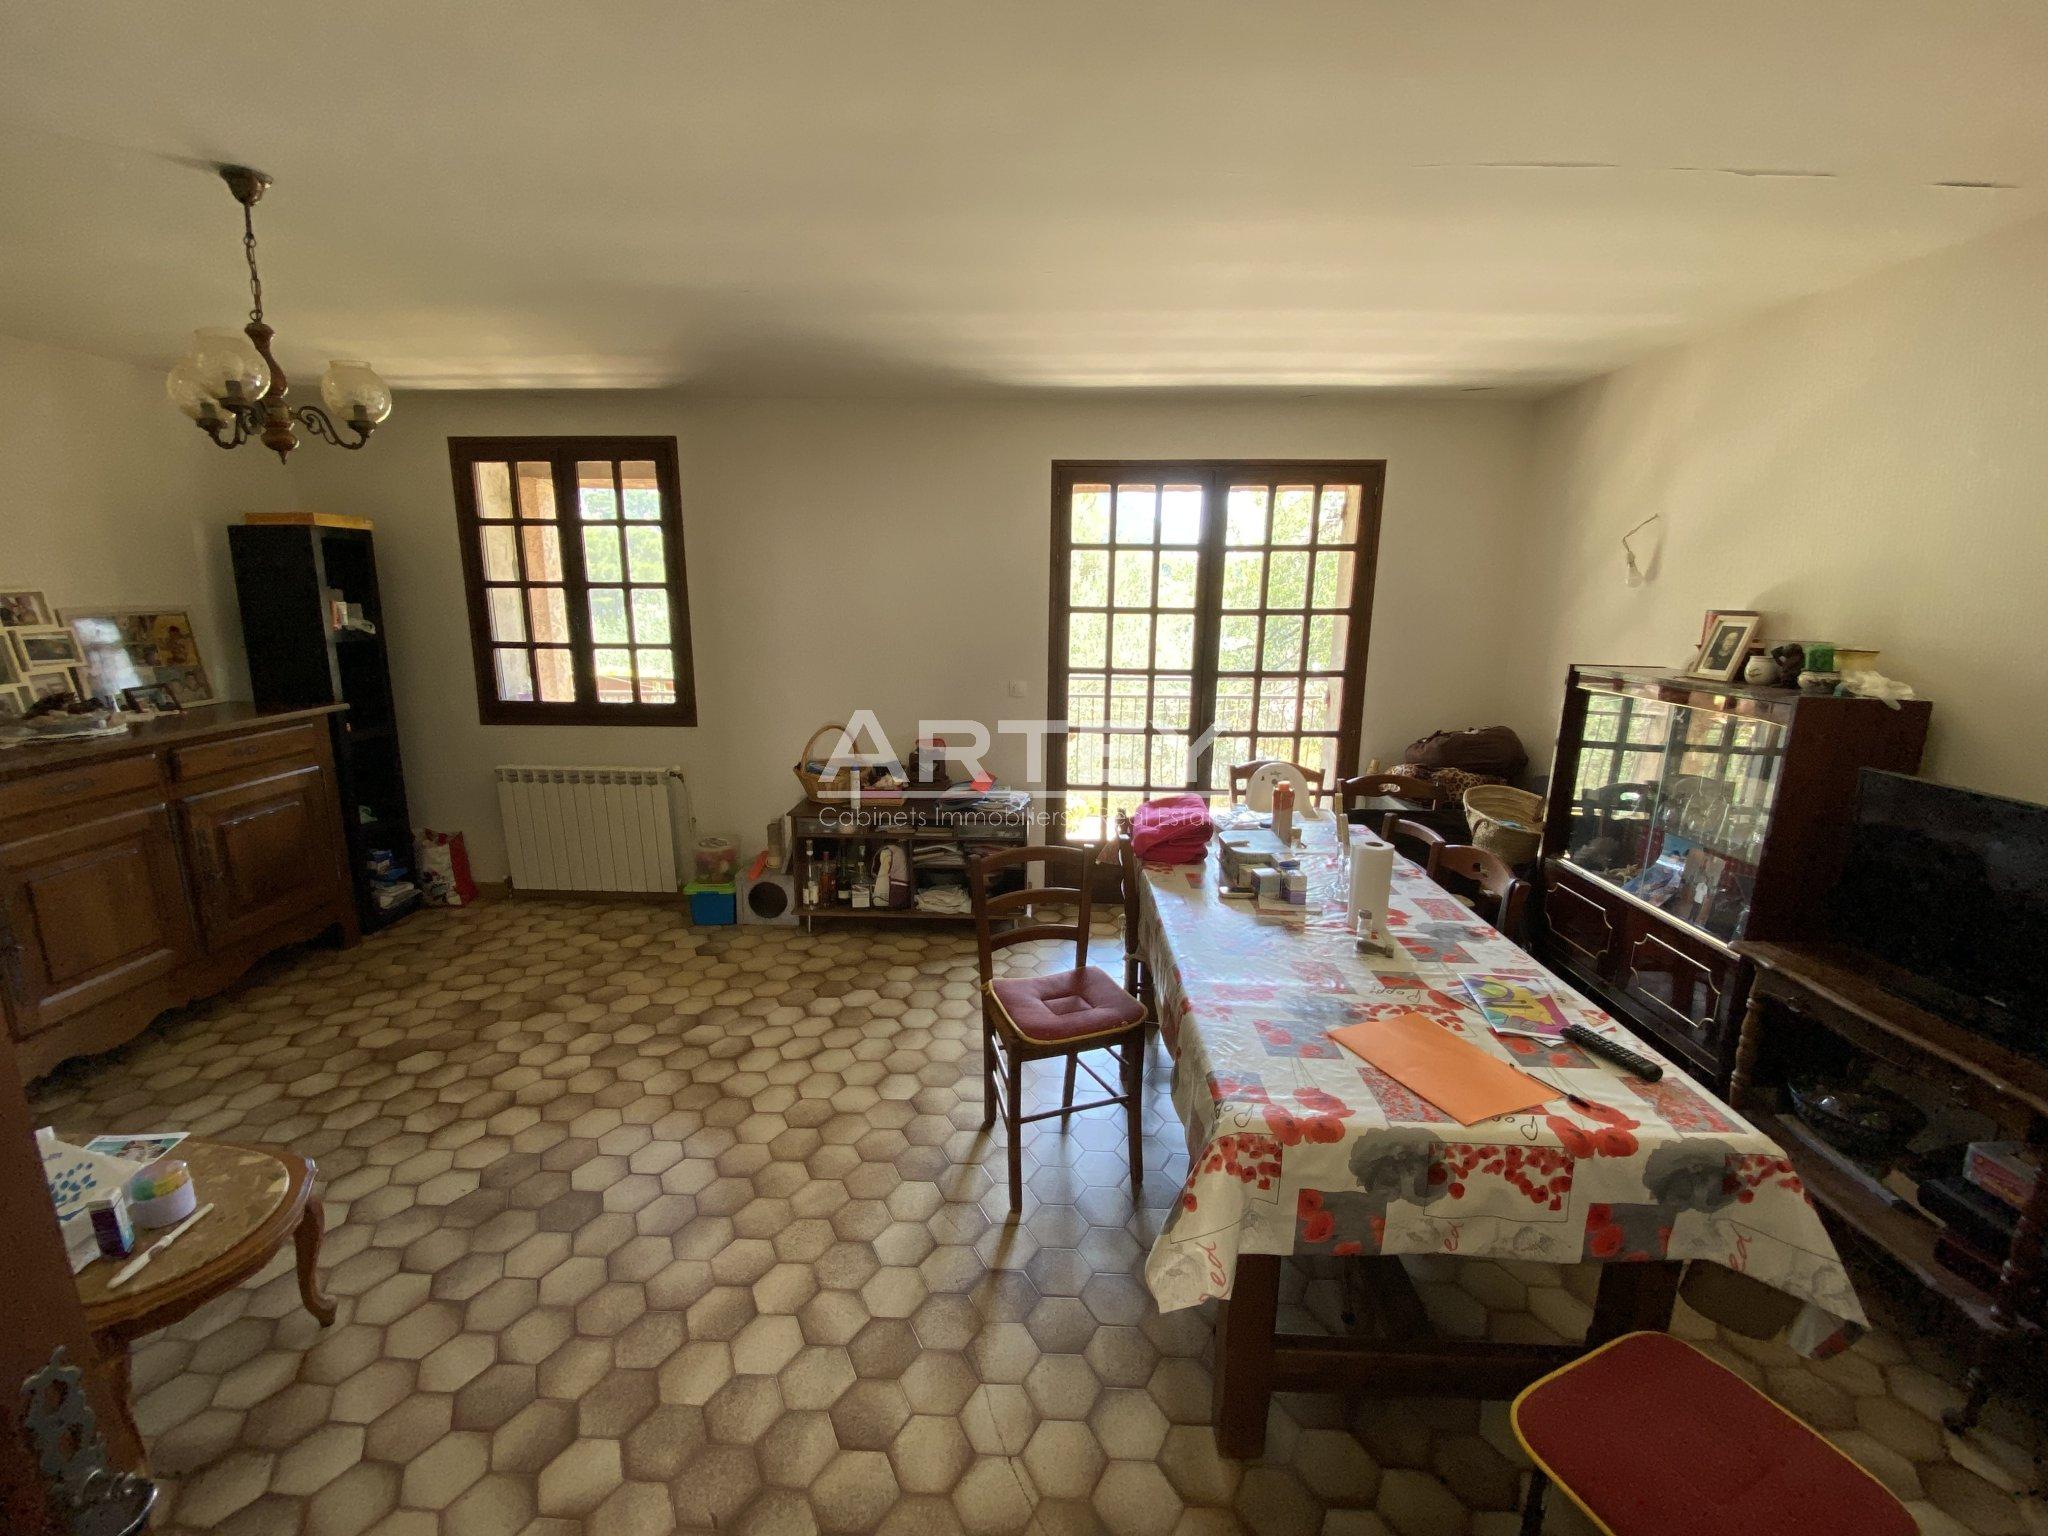 Maison-Villa - Le Revest-les-Eaux 83200